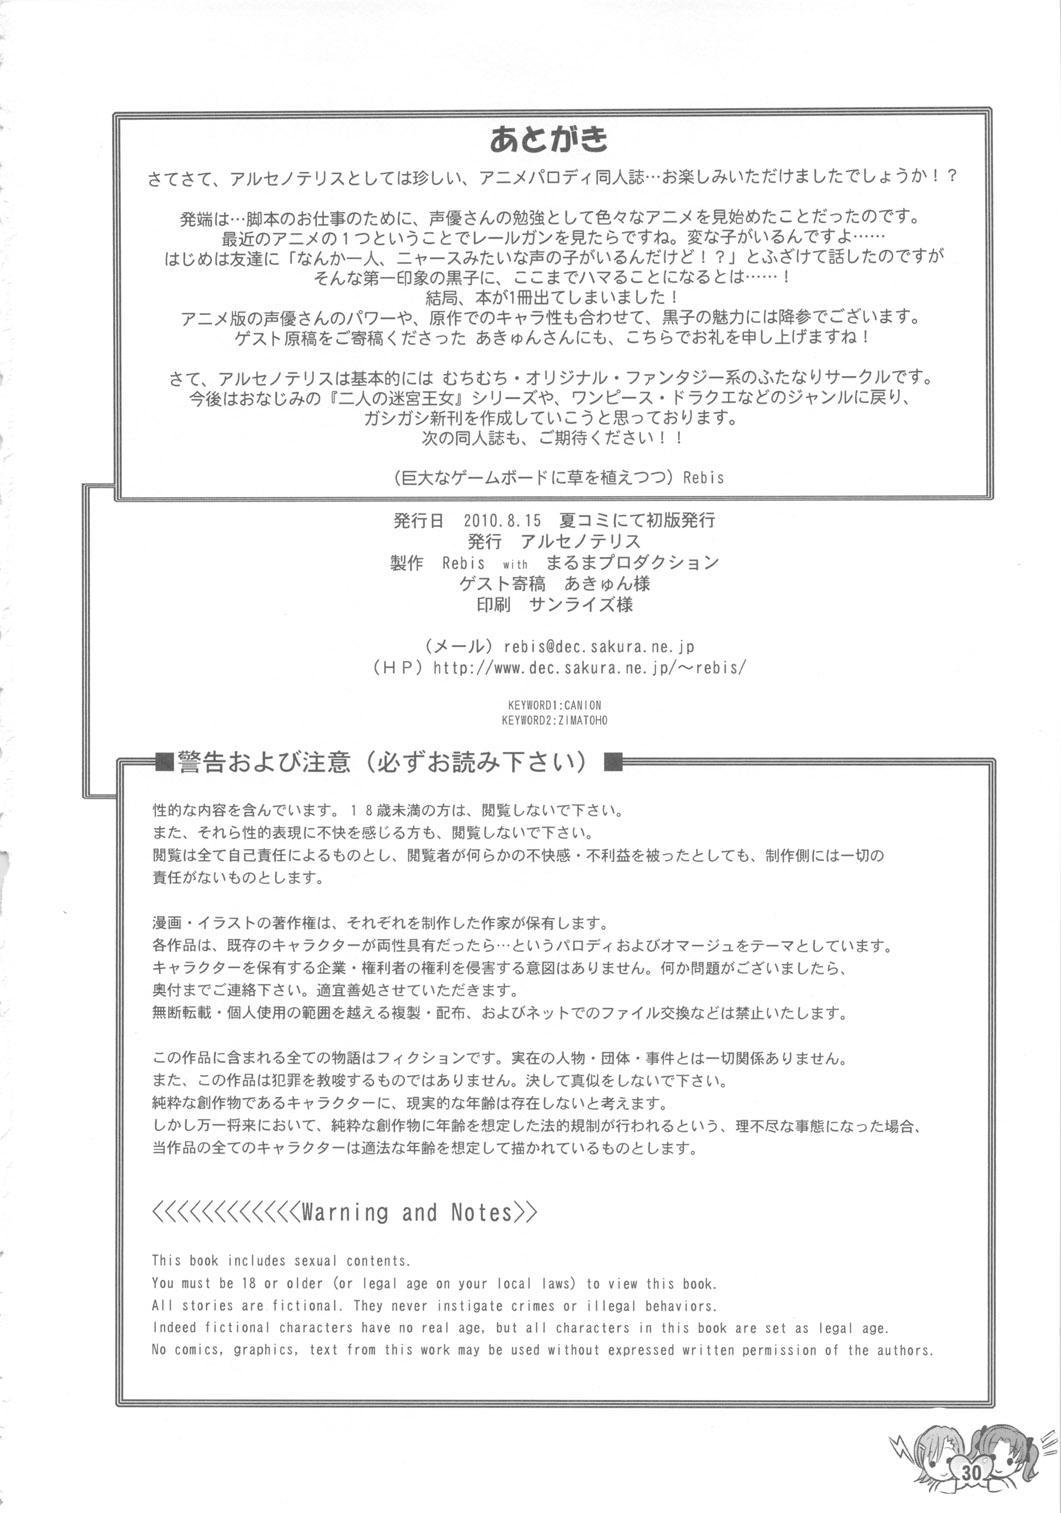 (C78) [Arsenothelus (Rebis)] Toaru Kuroko no Mikoto Kanzen Kouryaku (Toaru Kagaku no Railgun) [English] <desudesu> 28